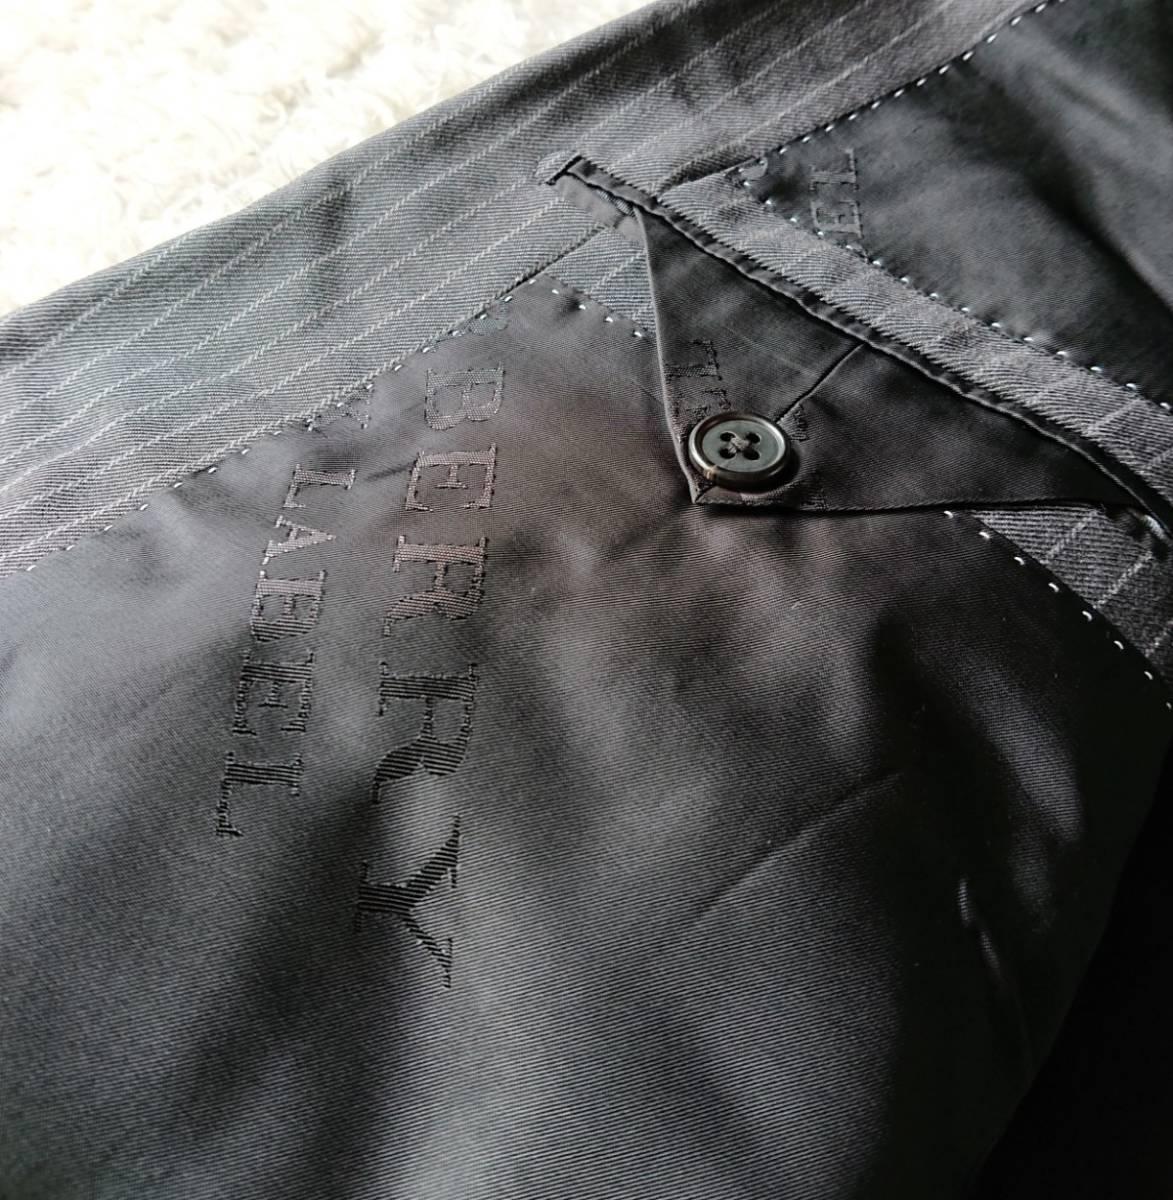 美品 英国仕様 希少な極上デザイン英文字ロゴ入 柔らかな肌触り★ バーバリー ブラック レーベル スーツ セットアップ メンズ ダークグレー_画像8